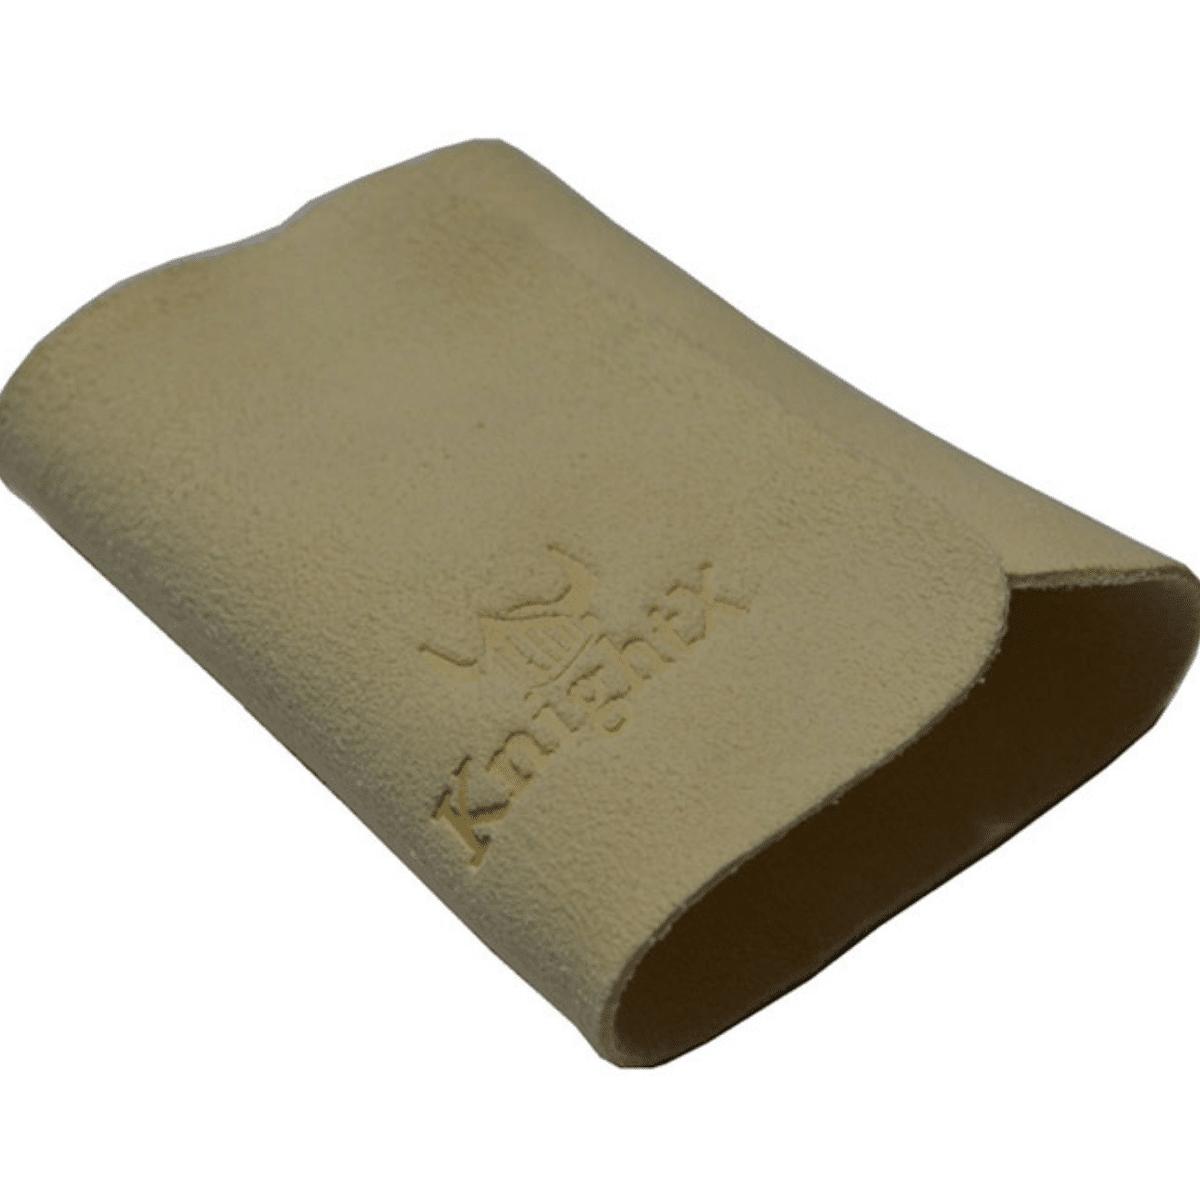 Lenço de Couro sintético Chamois Bege KnightX Bege